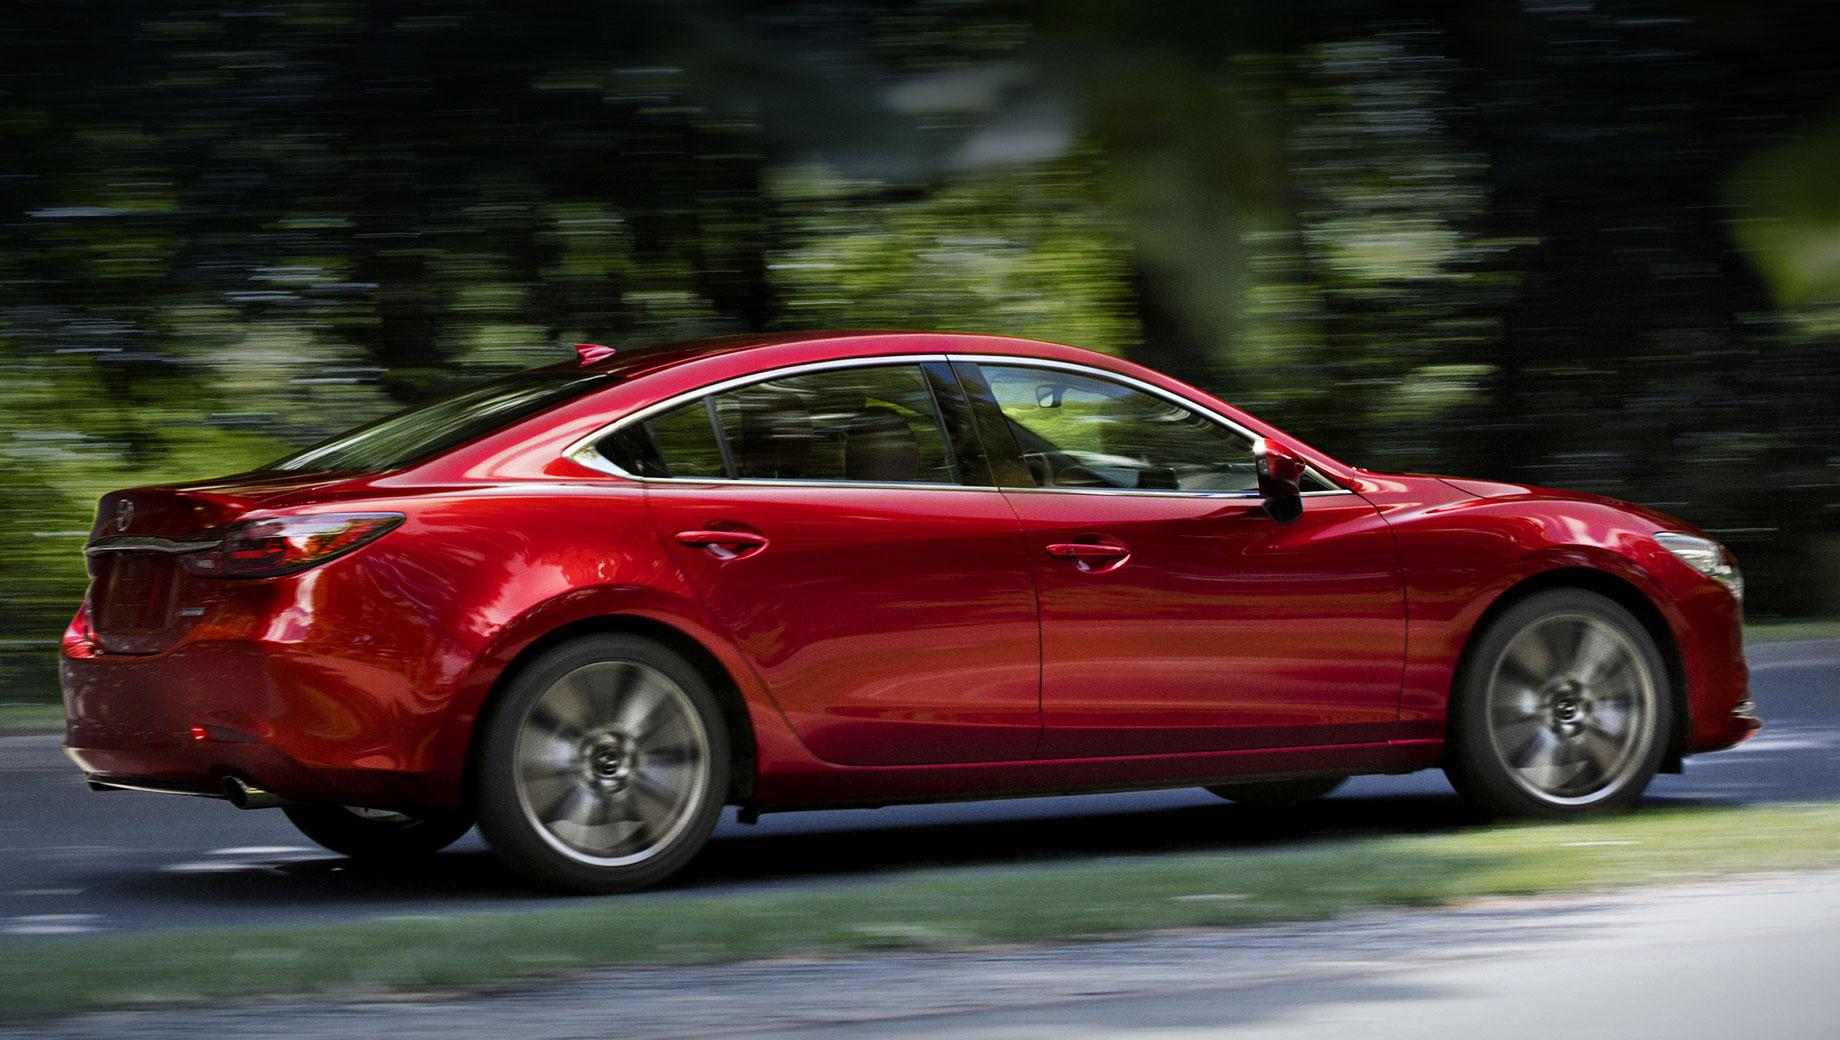 Mazda cx-3,Mazda 6. «Шестёрка» доступна американцам с двумя бензиновыми моторами: атмосферником Skyactiv-G 2.5 (190 л.с., 252 Н•м) и турбочетвёркой Skyactiv-G 2.5 (230 л.с., 420 Н•м). Оба идут с шестиступенчатым «автоматом» и передним приводом. Цены — от $24 475 до $35 900 (1,79–2,63 млн рублей).